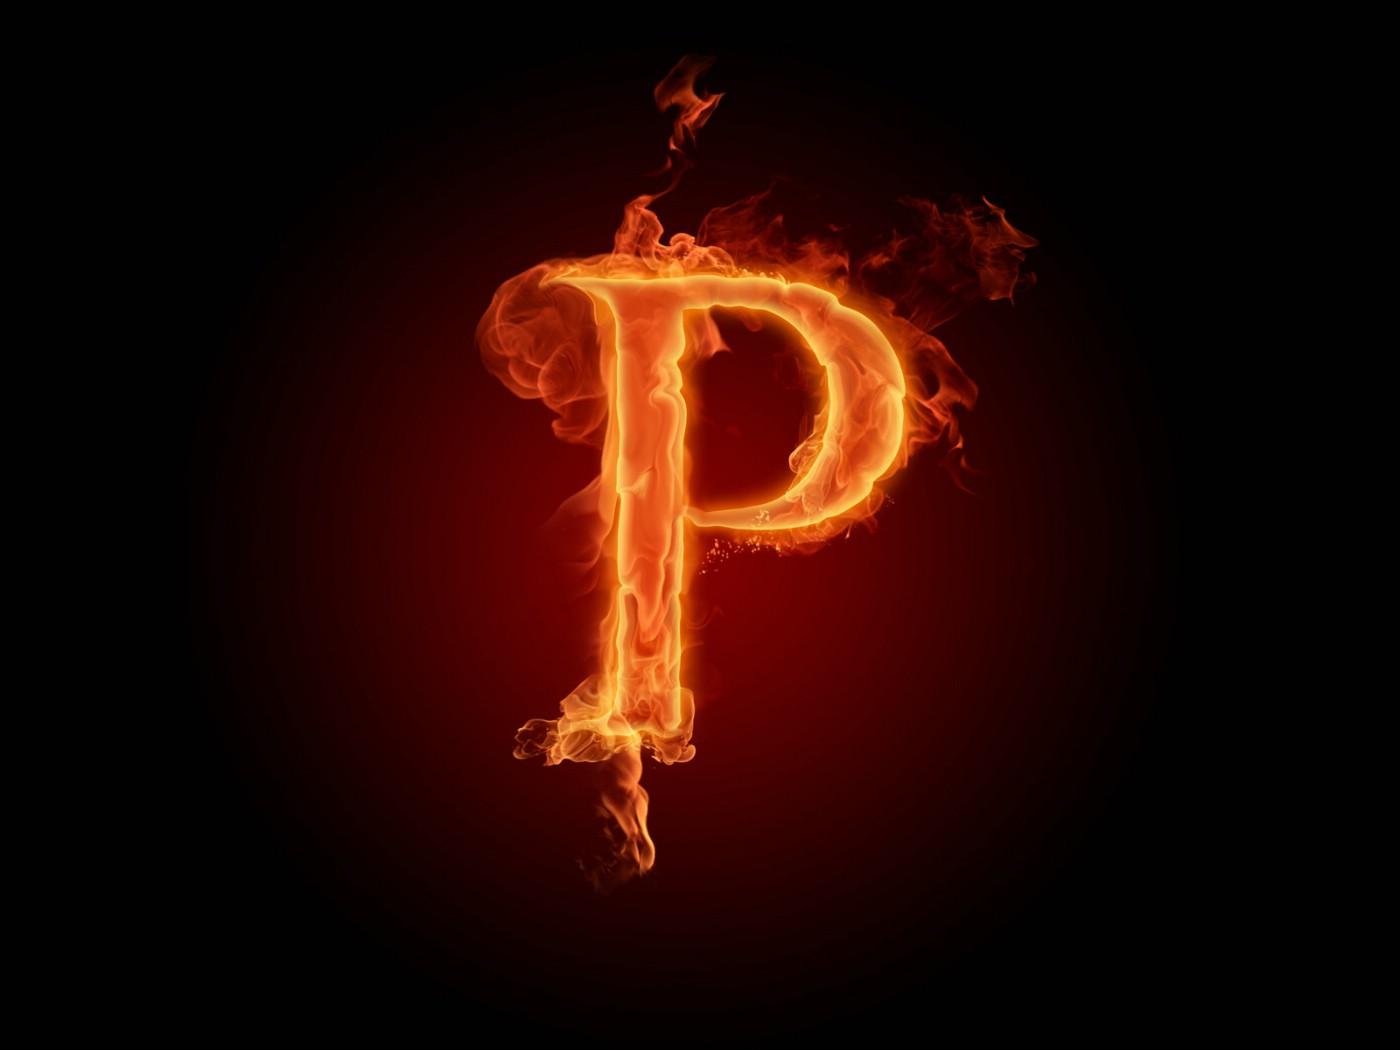 火焰字母矢量图